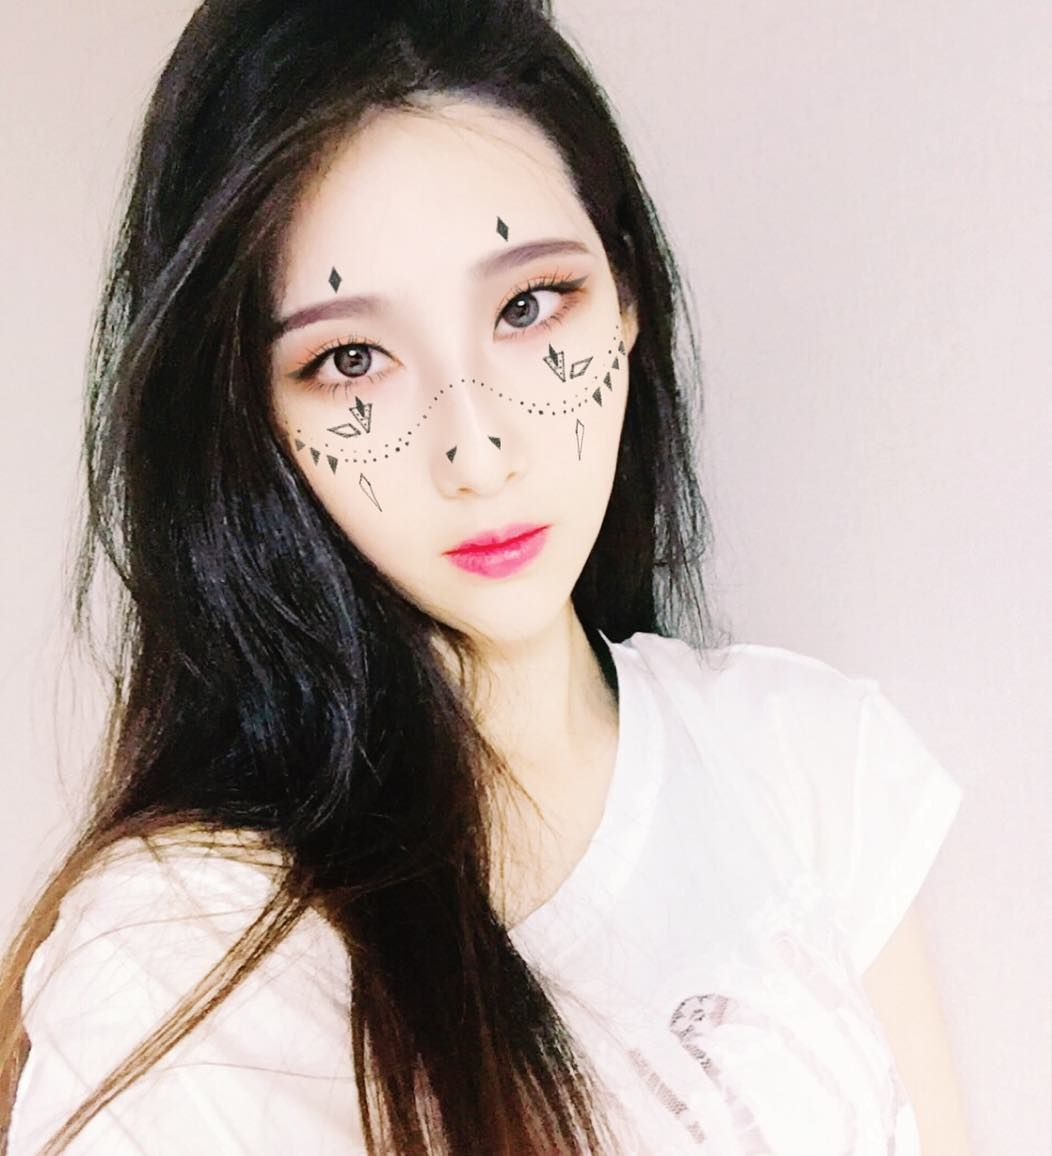 http://www.youtube.com/channel/UCqEqHuax3qm6eGA6K06_MmQ?sub_confirmation=1 뭔가무서운데 #포니 #포니메이크업 #포니어플 #셀카얼스타그램 #makeup #셀카그램 #selfie # selca #me #셀카 #셀피 #심심 #나 #유행 #어플 #메이크업 #어플 by ji_jiy